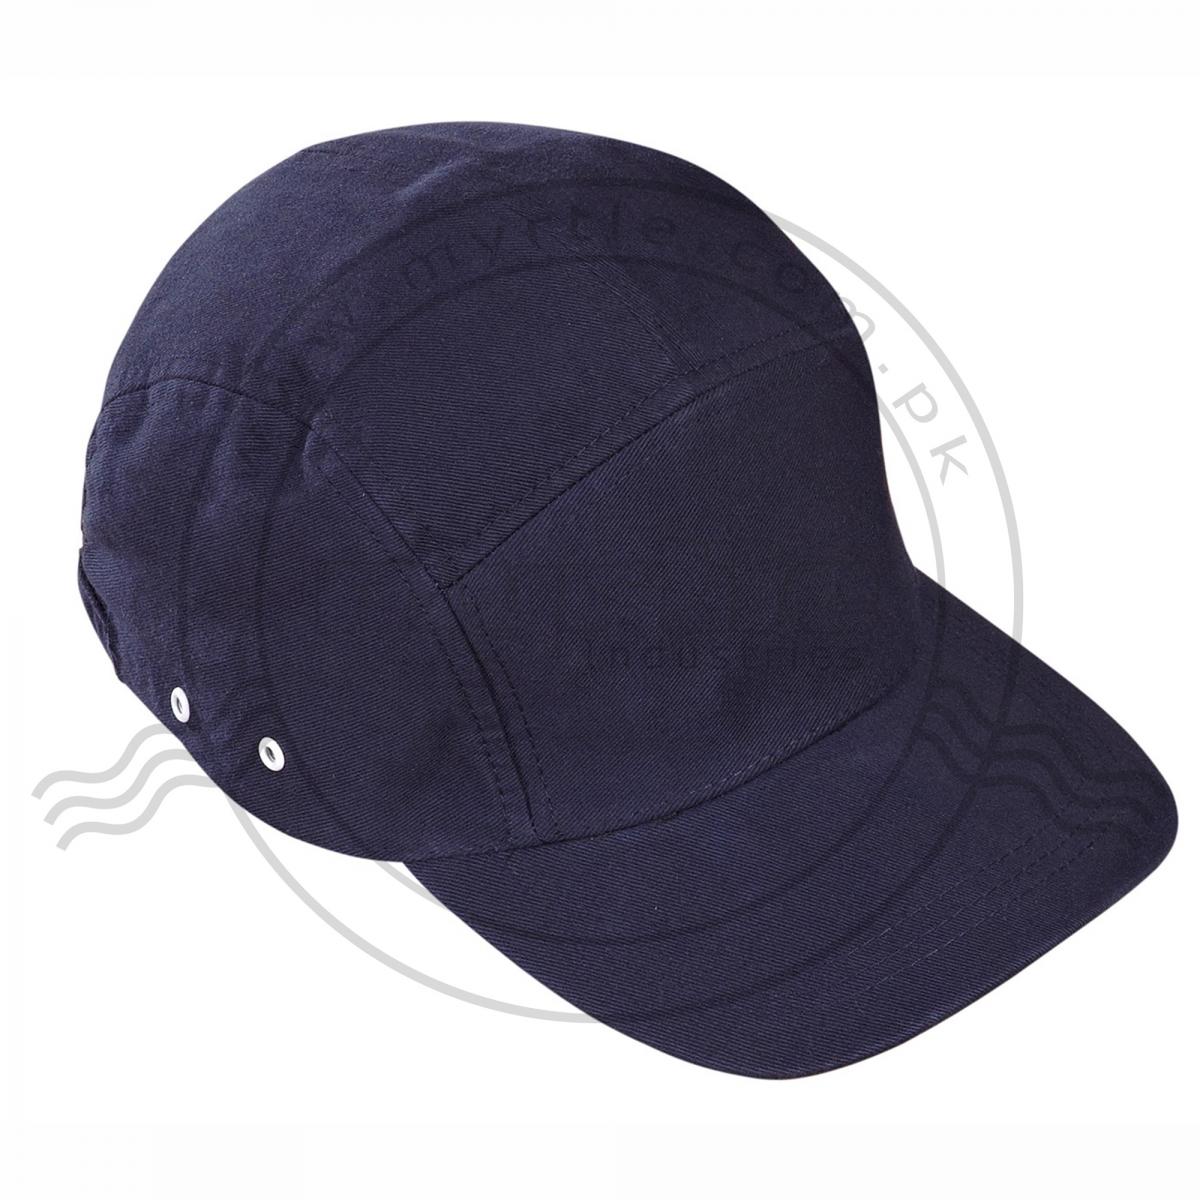 Cap, Baseball Cap, Work Cap